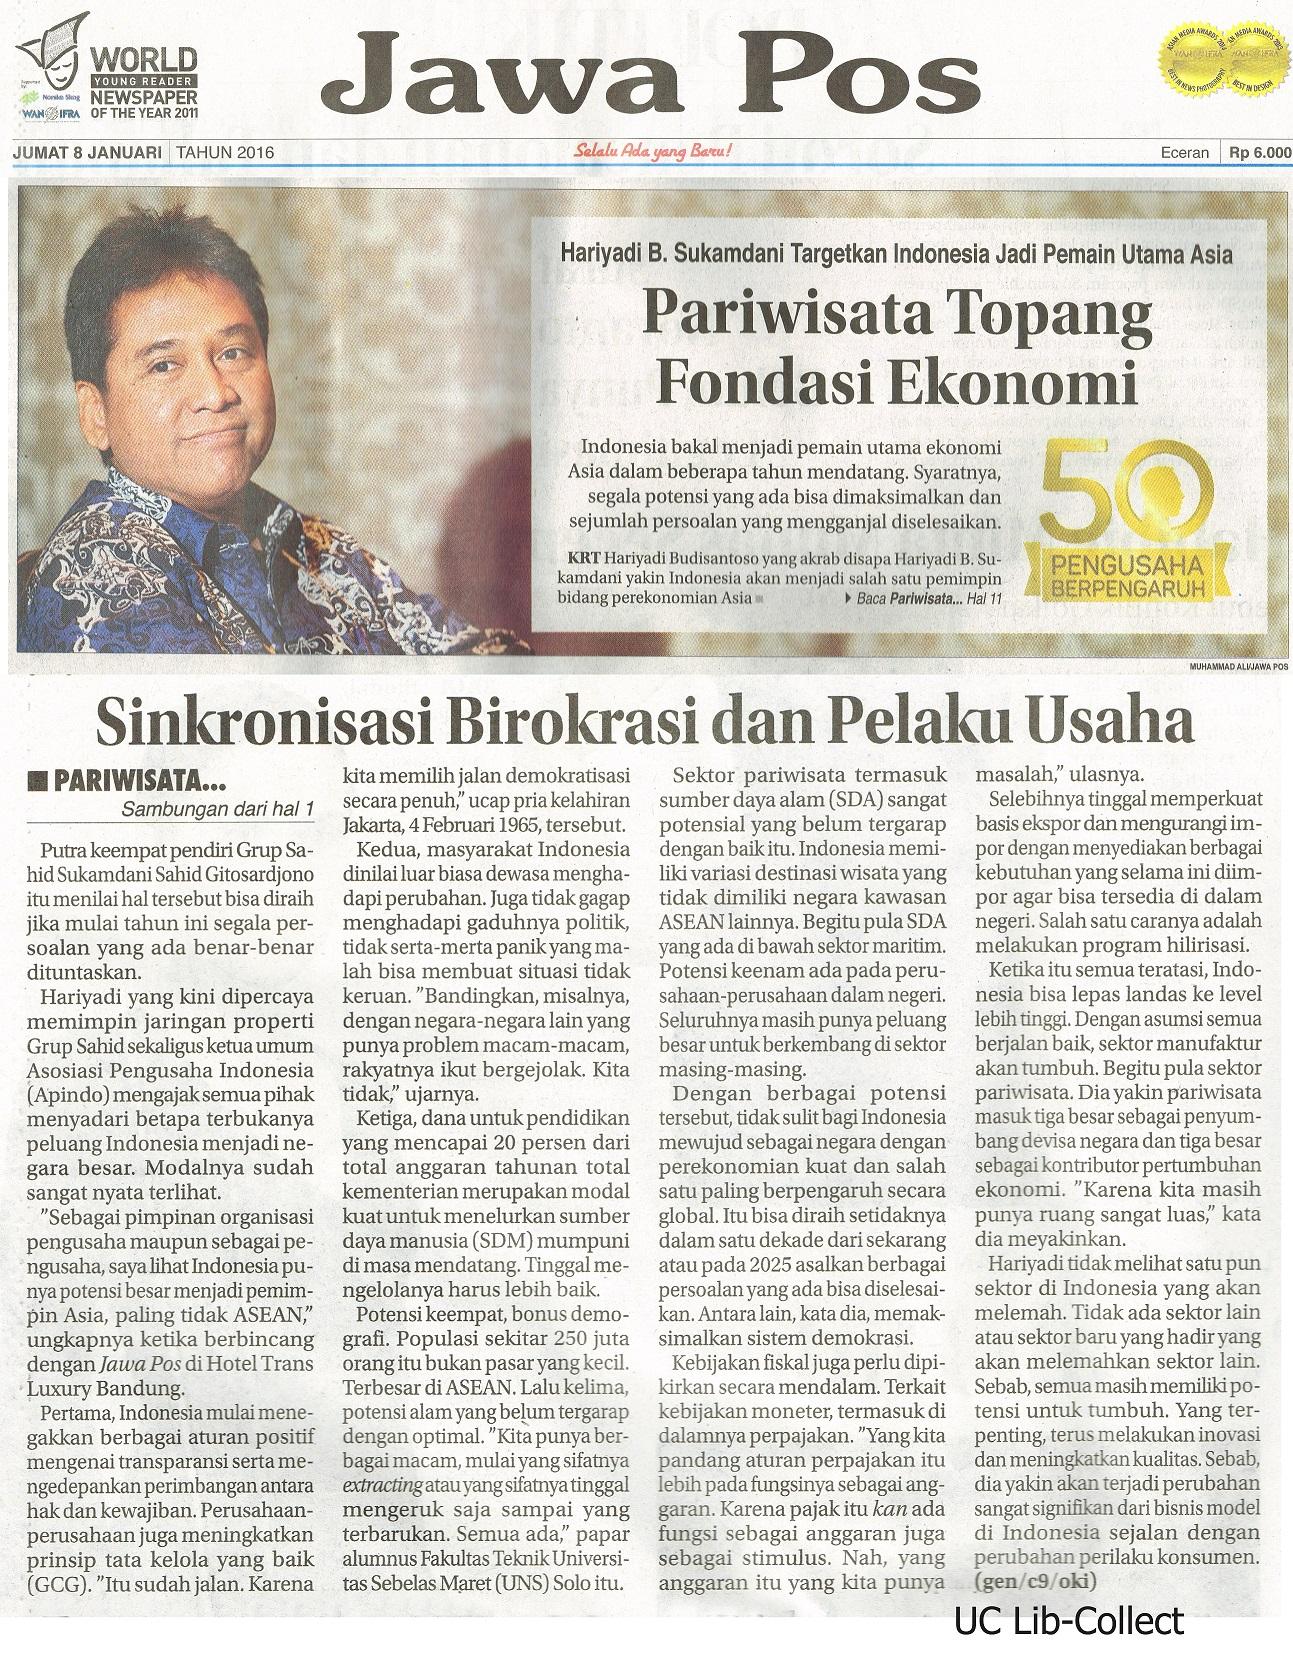 8 Januari 2016. Hariyadi B.Sukamdani Targetkan Indonesia Jadi Pemain Utama Asia_Pariwisata Topang Fondasi Ekonomi. Jawa Pos. 8 Januari 2016.HAl.1,11